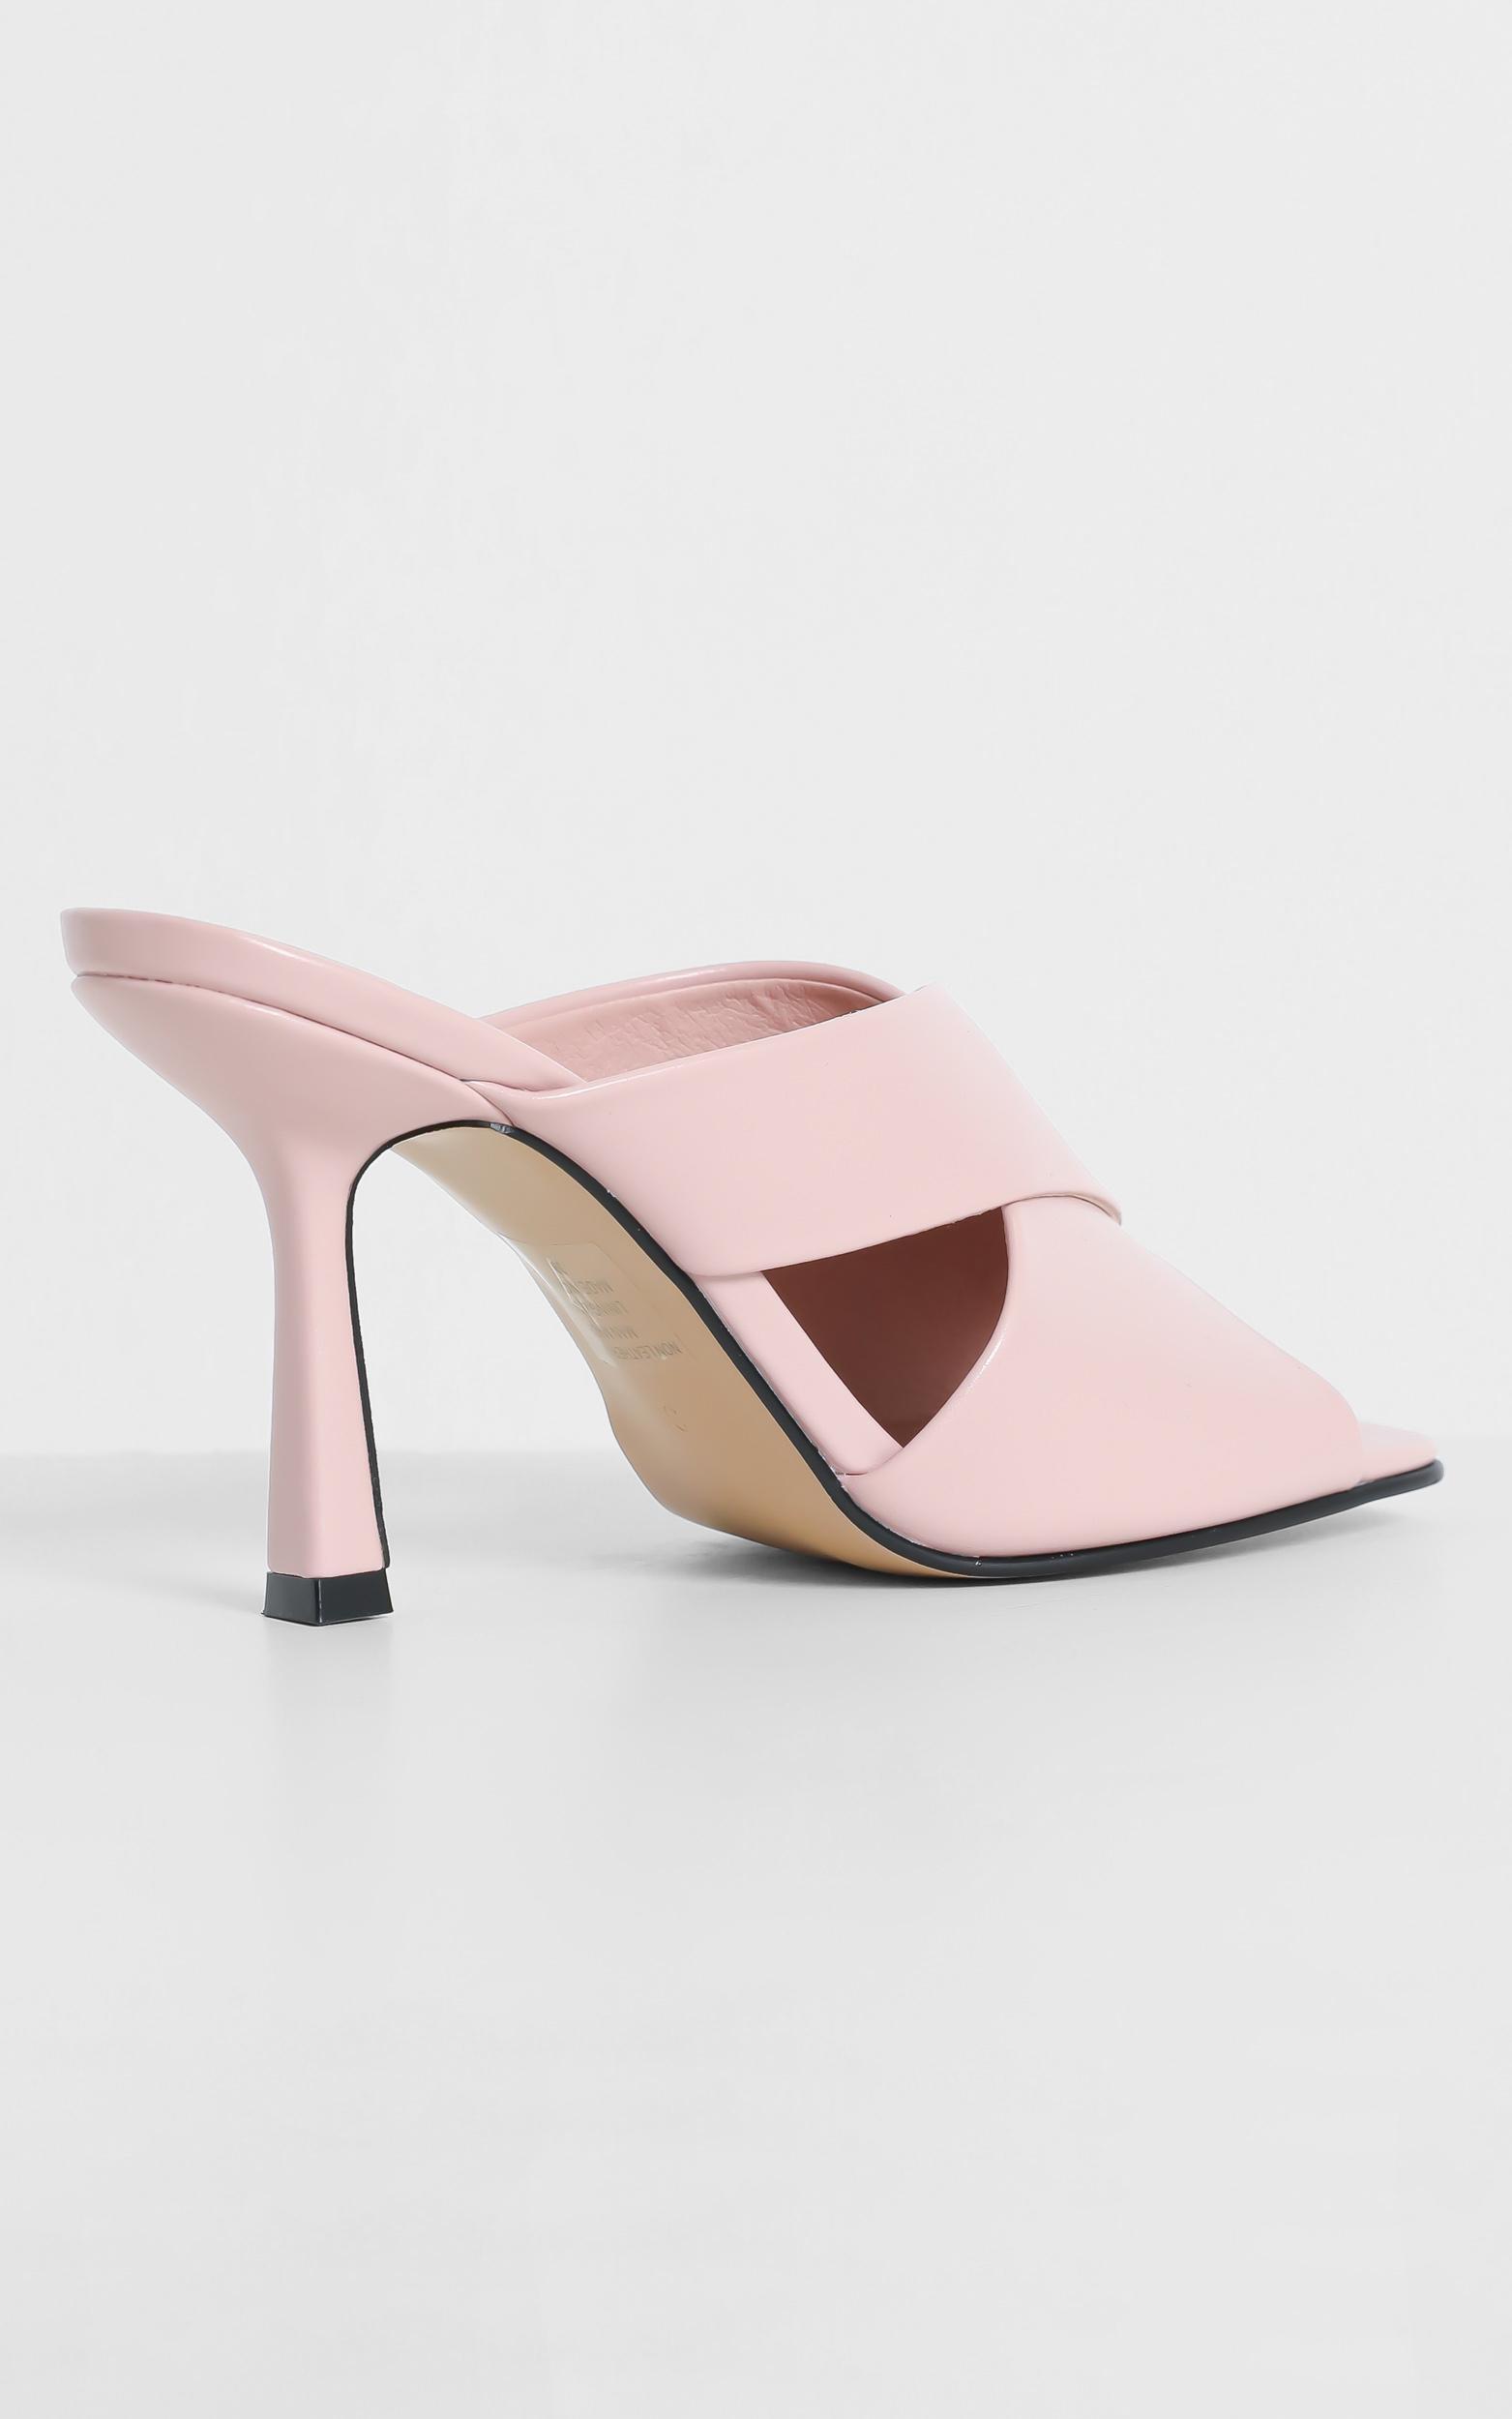 Verali - Luwow Heels in Pink Smooth - 5, Pink, hi-res image number null